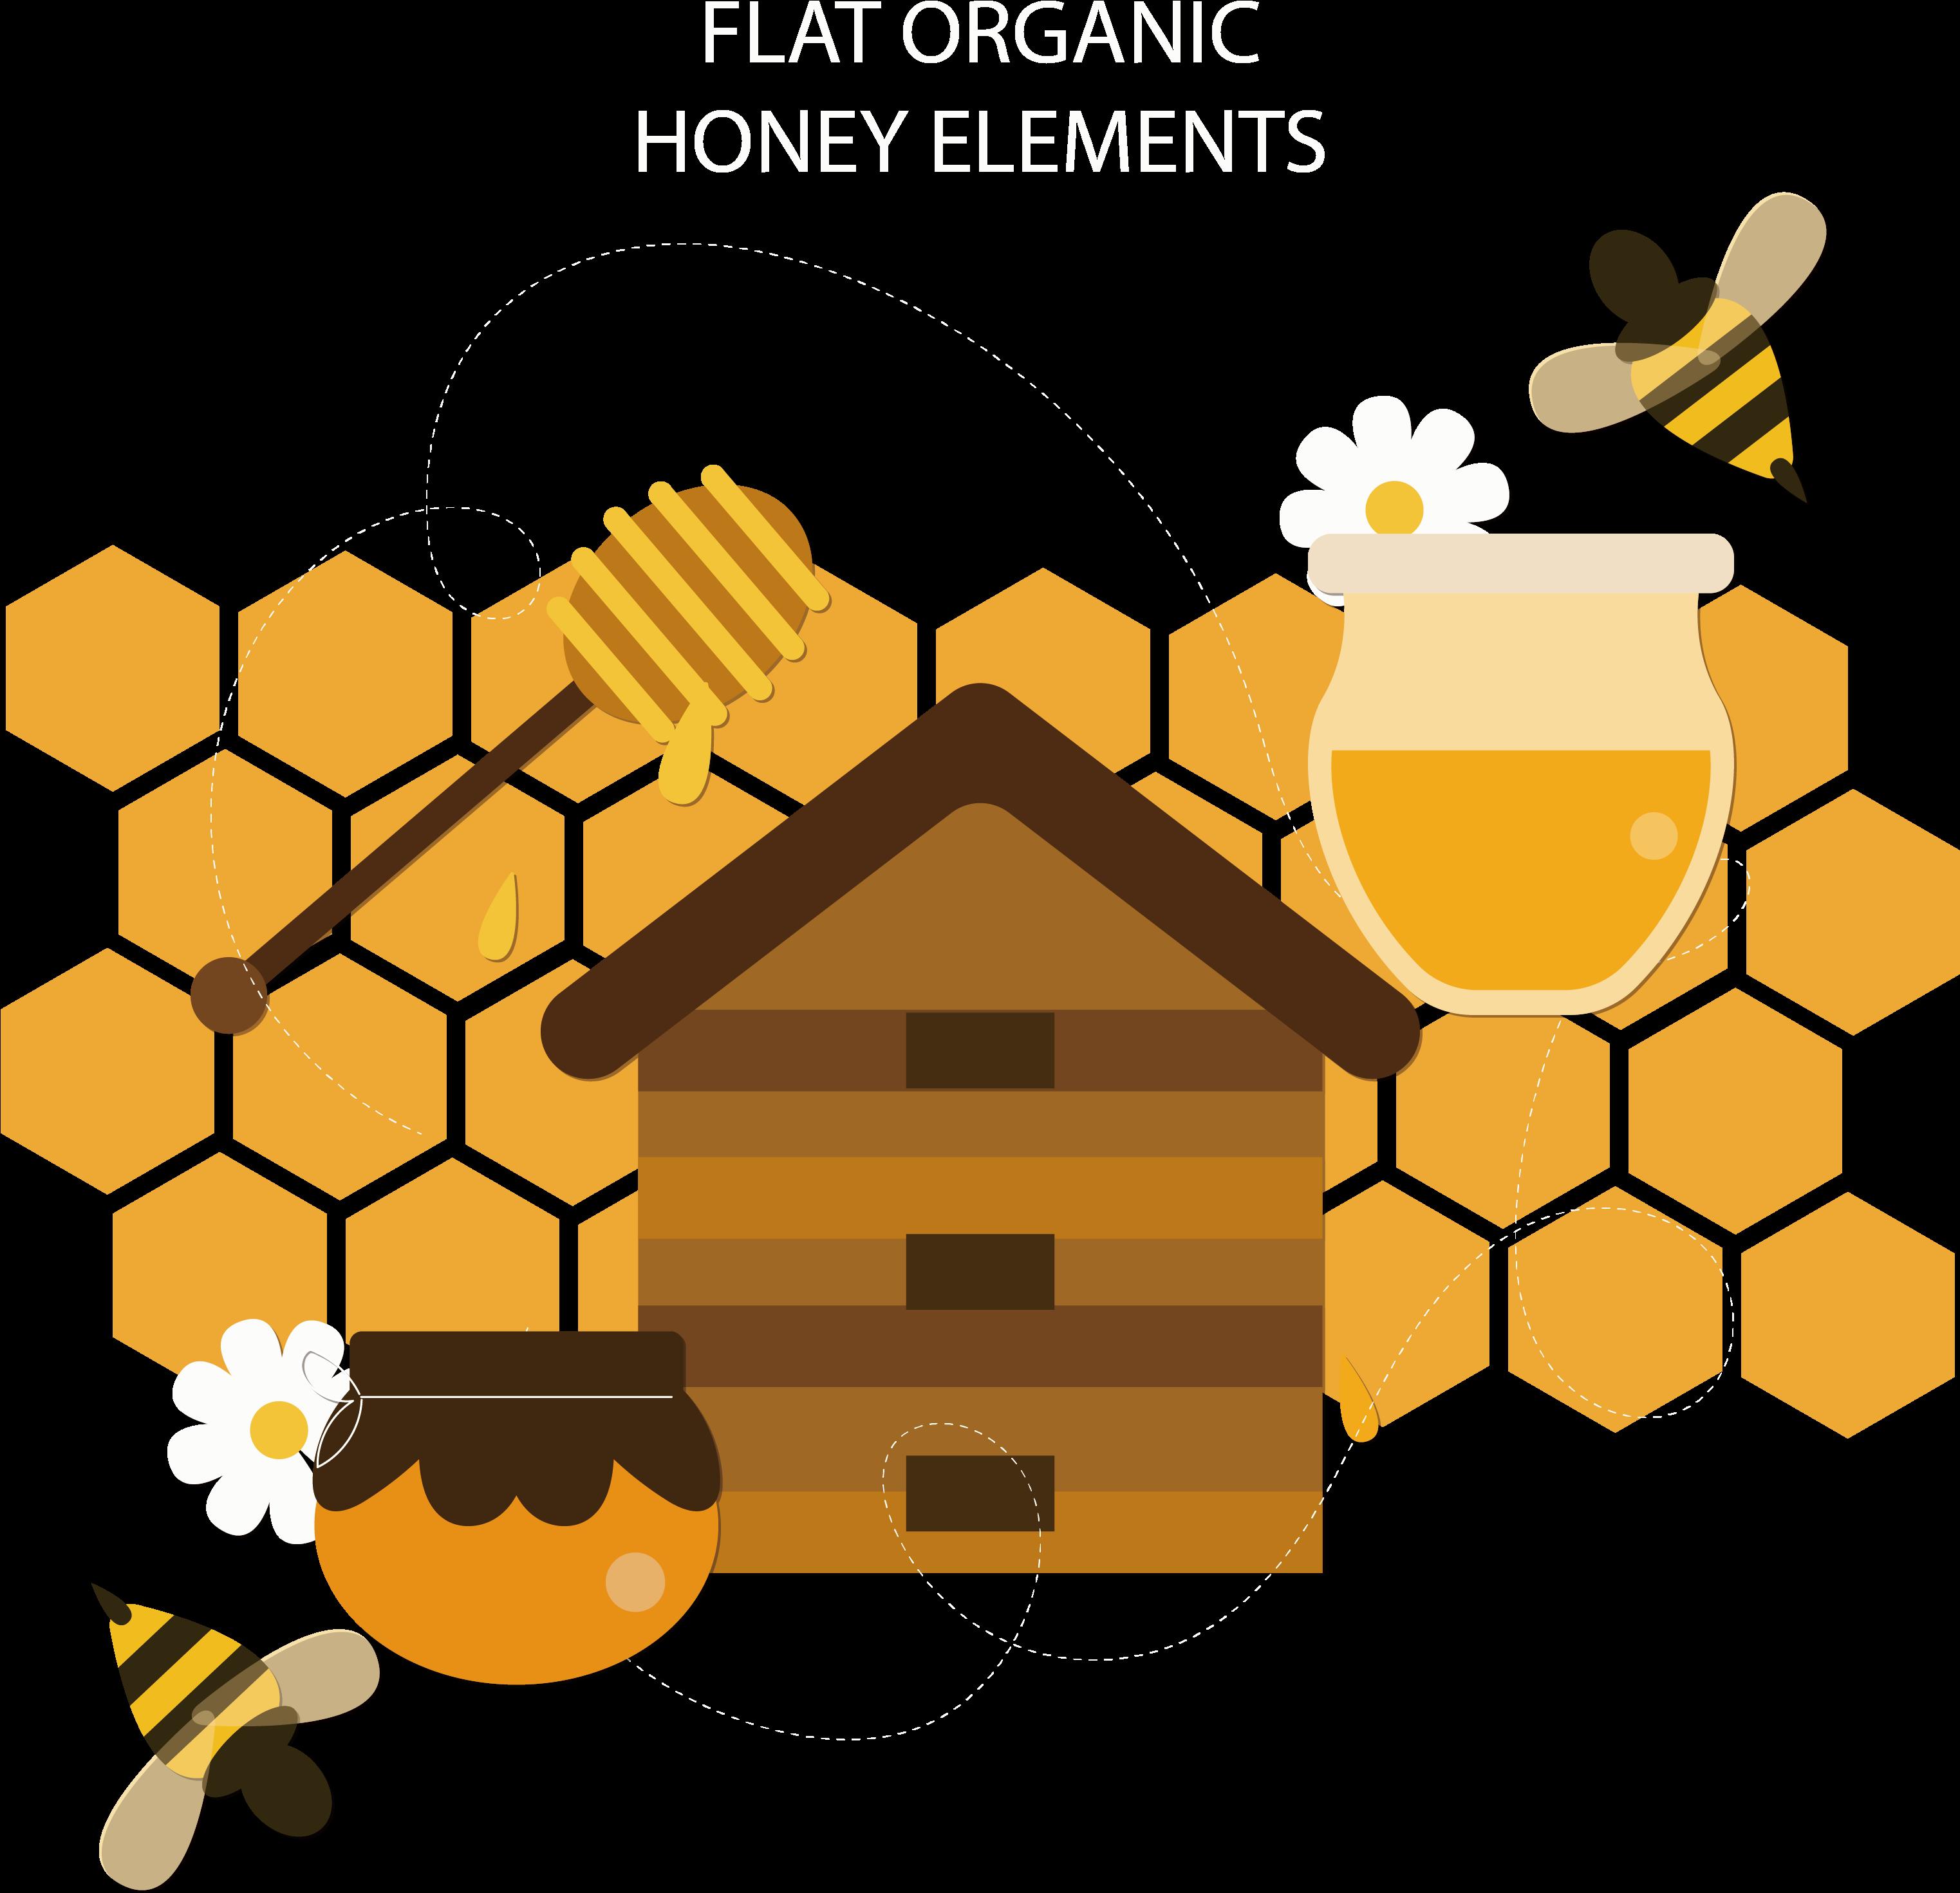 Пчелы улей картинки вектор